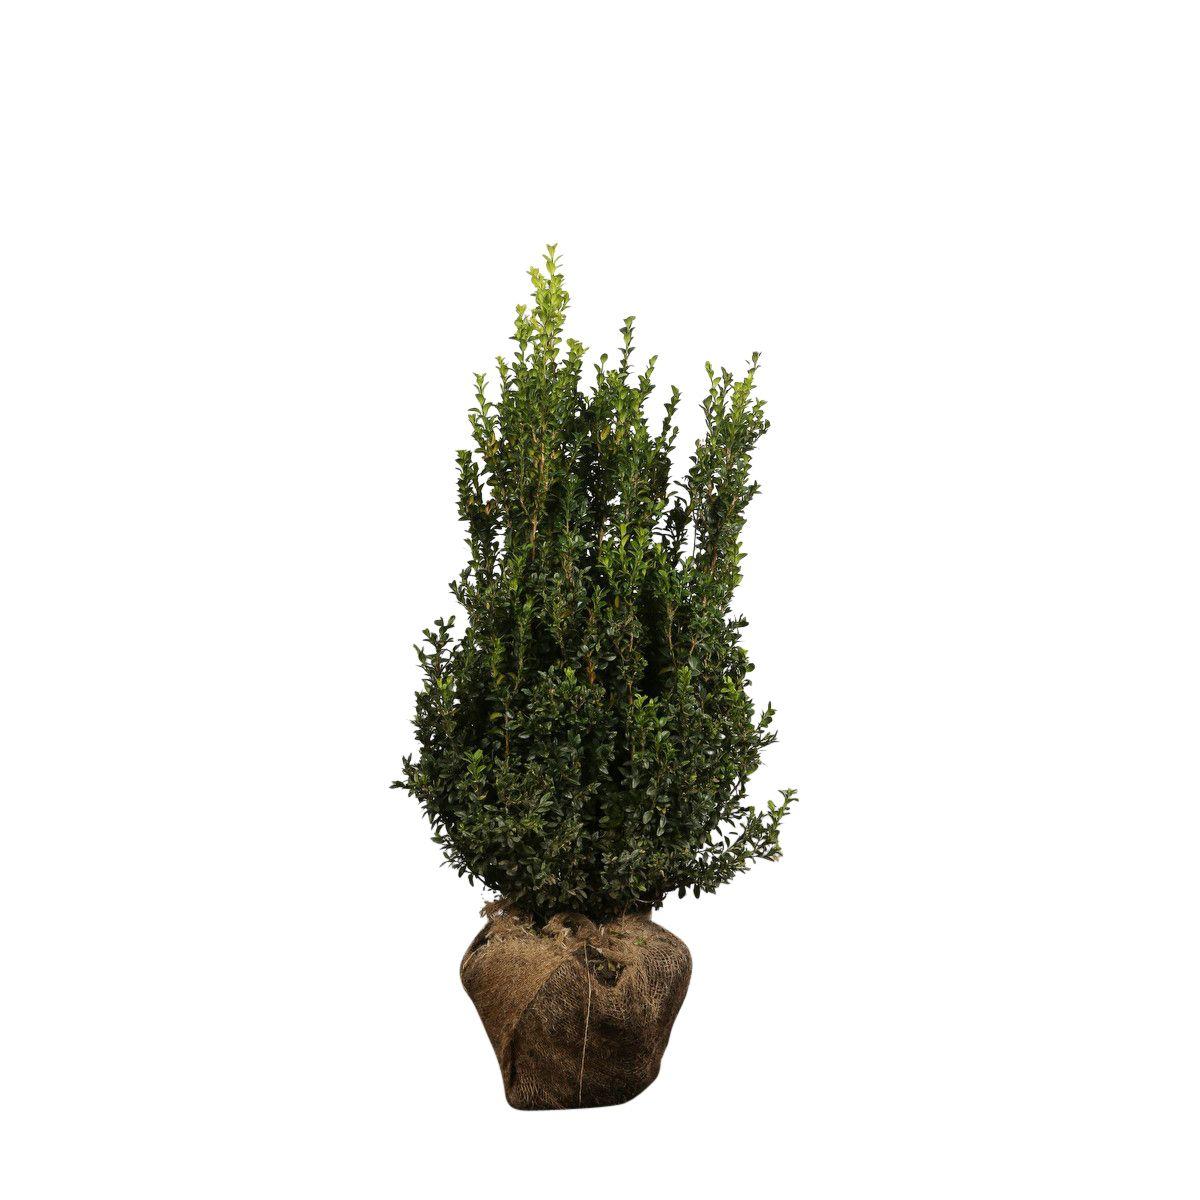 Buchsbaum - Sträucher Wurzelballen 60-80 cm